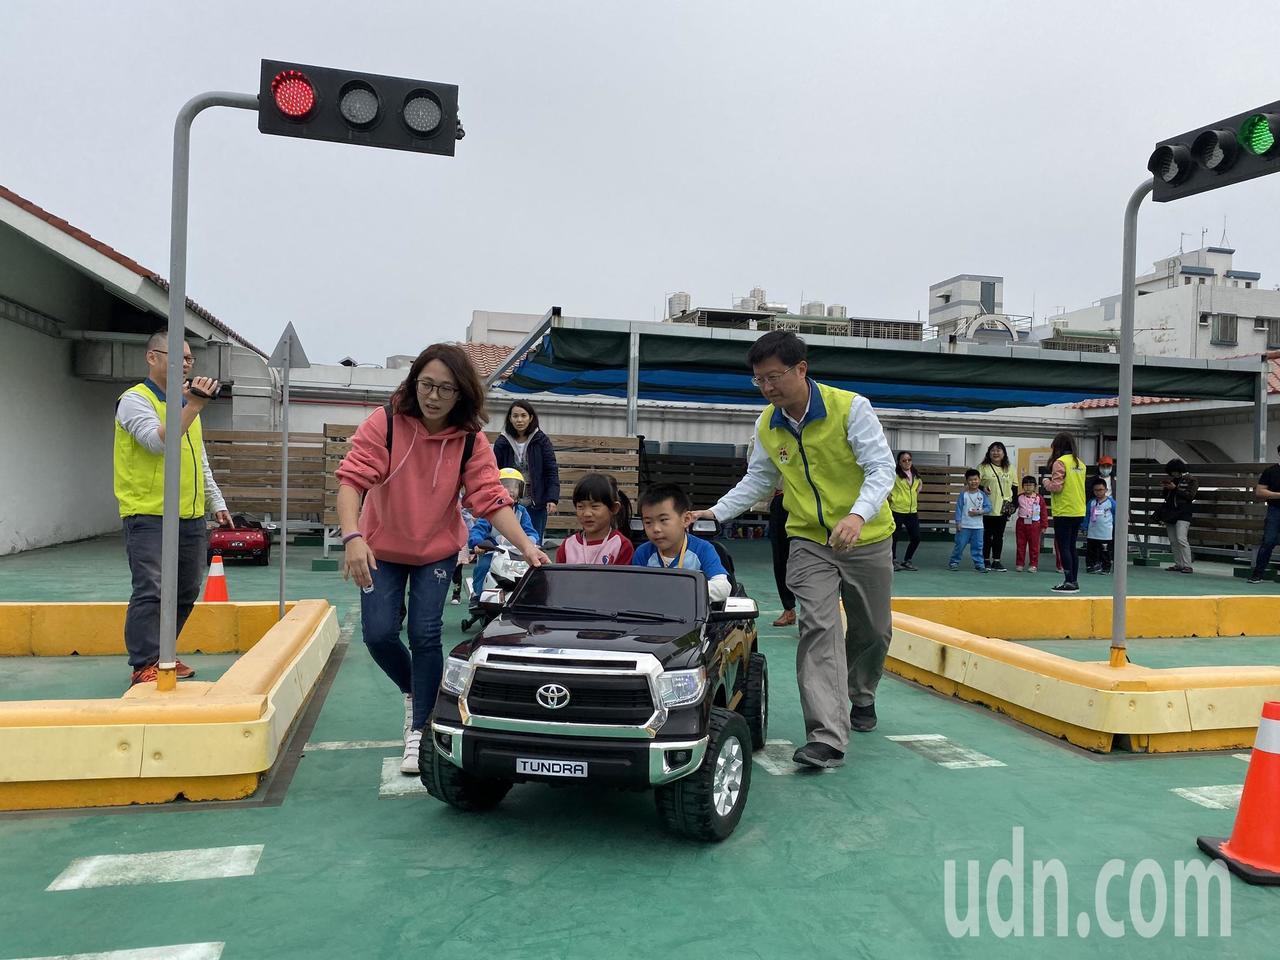 台南市交通局在位於安平區的大台南智慧交通中心內設置「大台南交通教育主題館」,3樓...